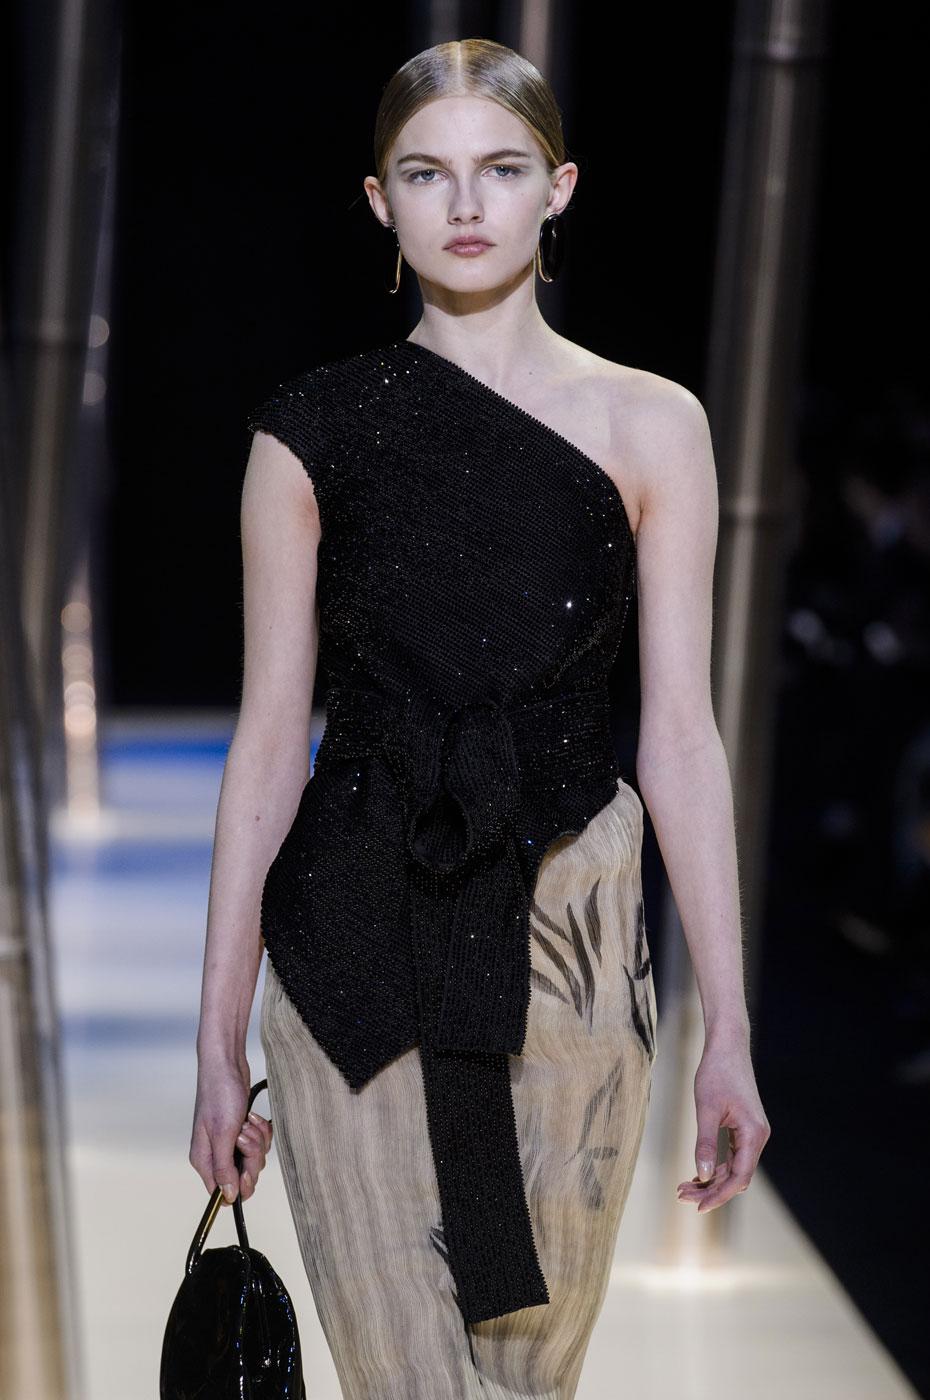 Giorgio-armani-Prive-fashion-runway-show-haute-couture-paris-spring-2015-the-impression-090